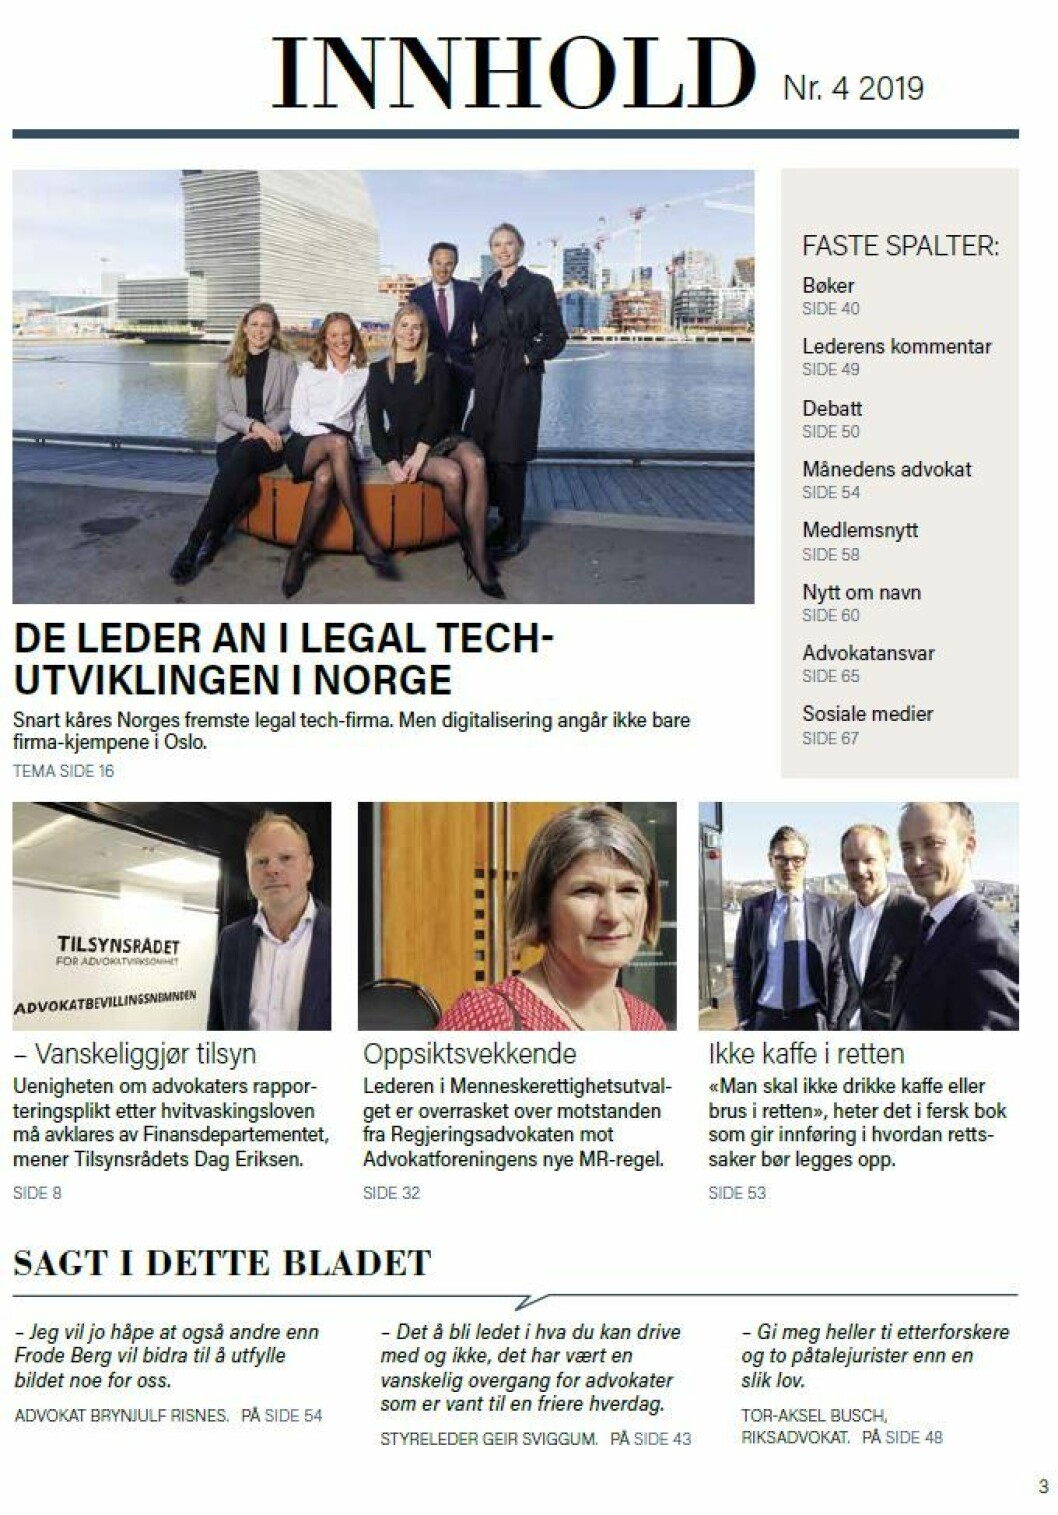 Innholdsfortegnelse fra Advokatbladet nr 4/19